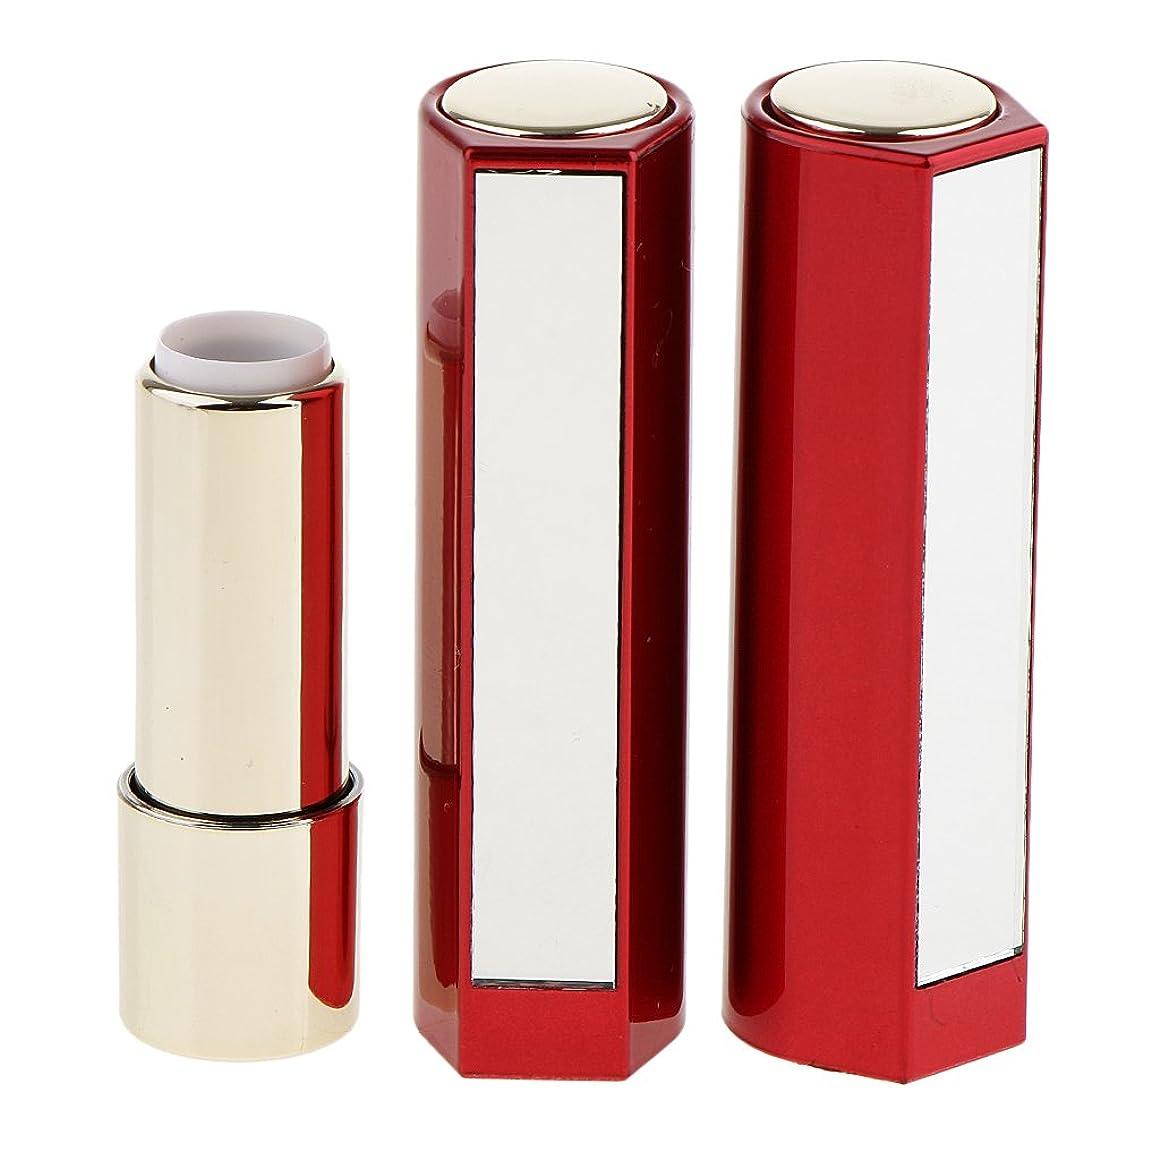 Fenteer 2本 空チューブ リップスティックチューブ 12.1MM口紅チューブ用 口紅チューブ リップクリーム DIY プラスチック製 2色選べる - 赤